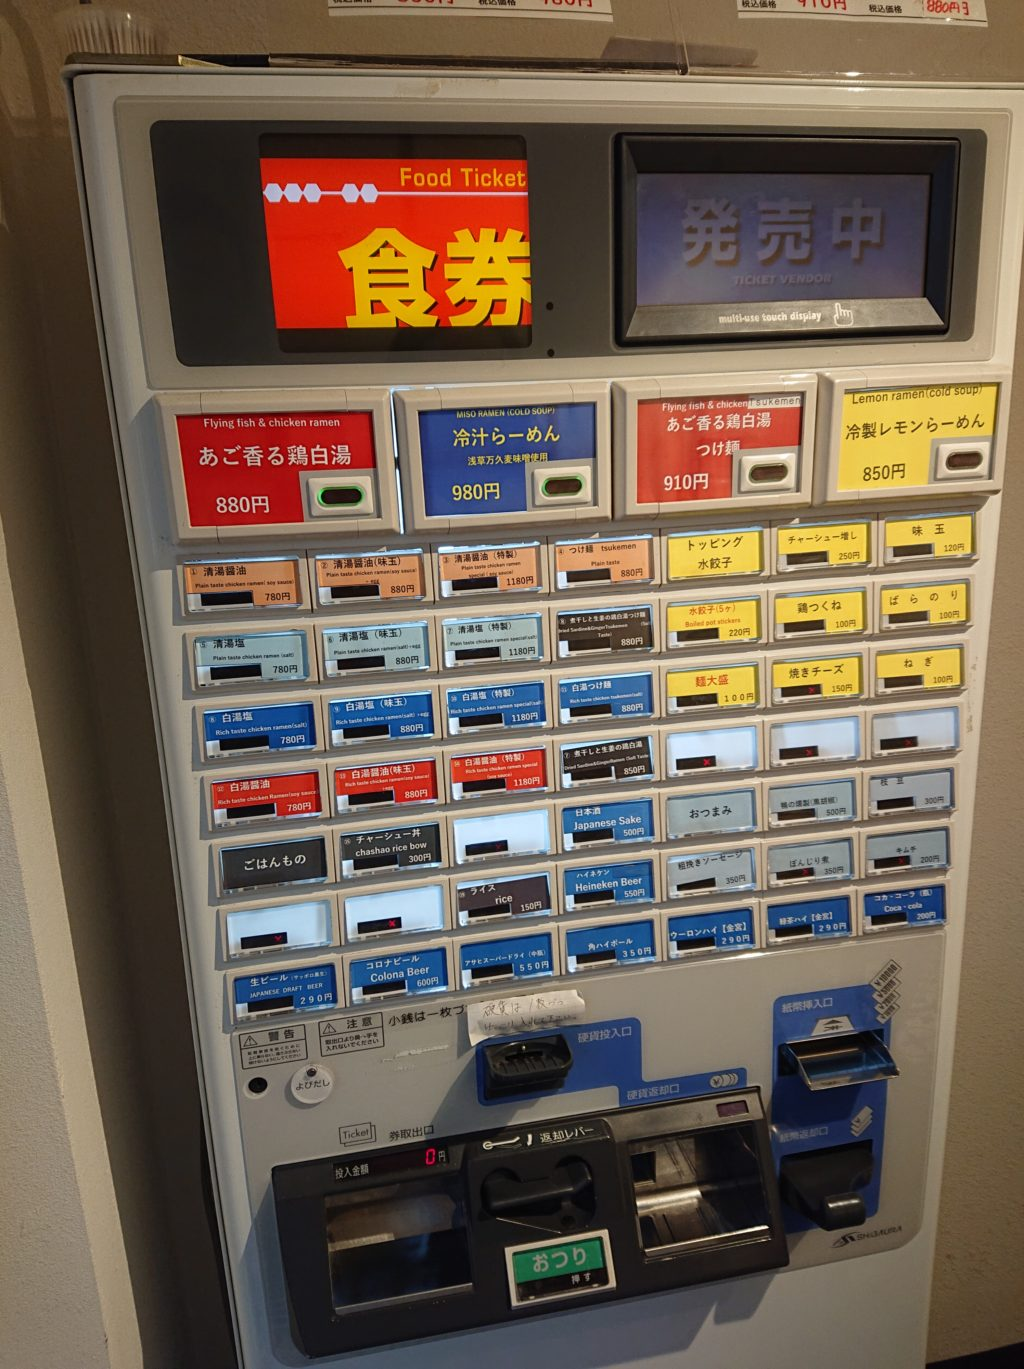 案山子 (カカシ) 食券機のメニュー